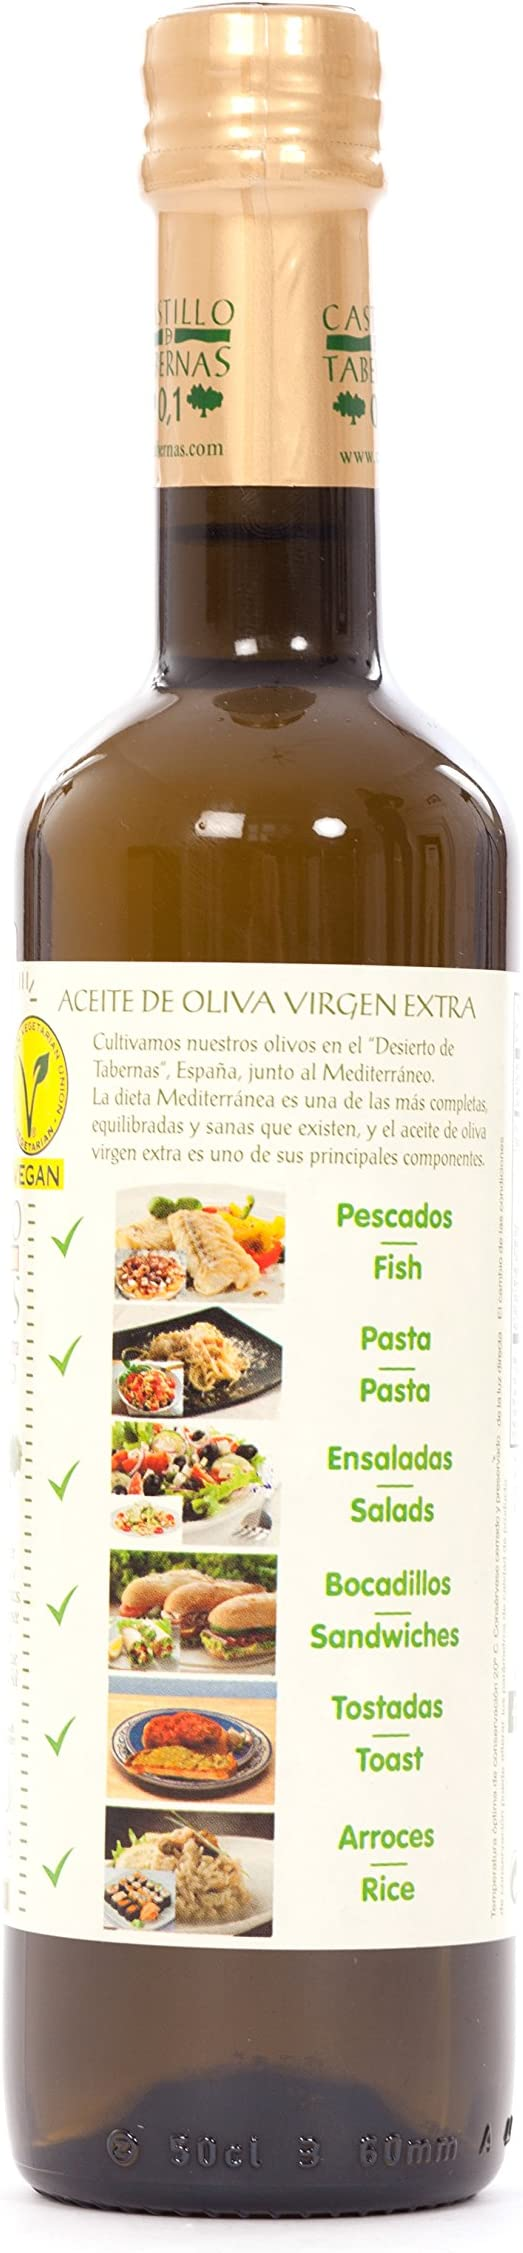 Aceite De Oliva Virgen Extra Bordelesa Picual Castillo De Tabernas 500 Ml: Amazon.es: Alimentación y bebidas